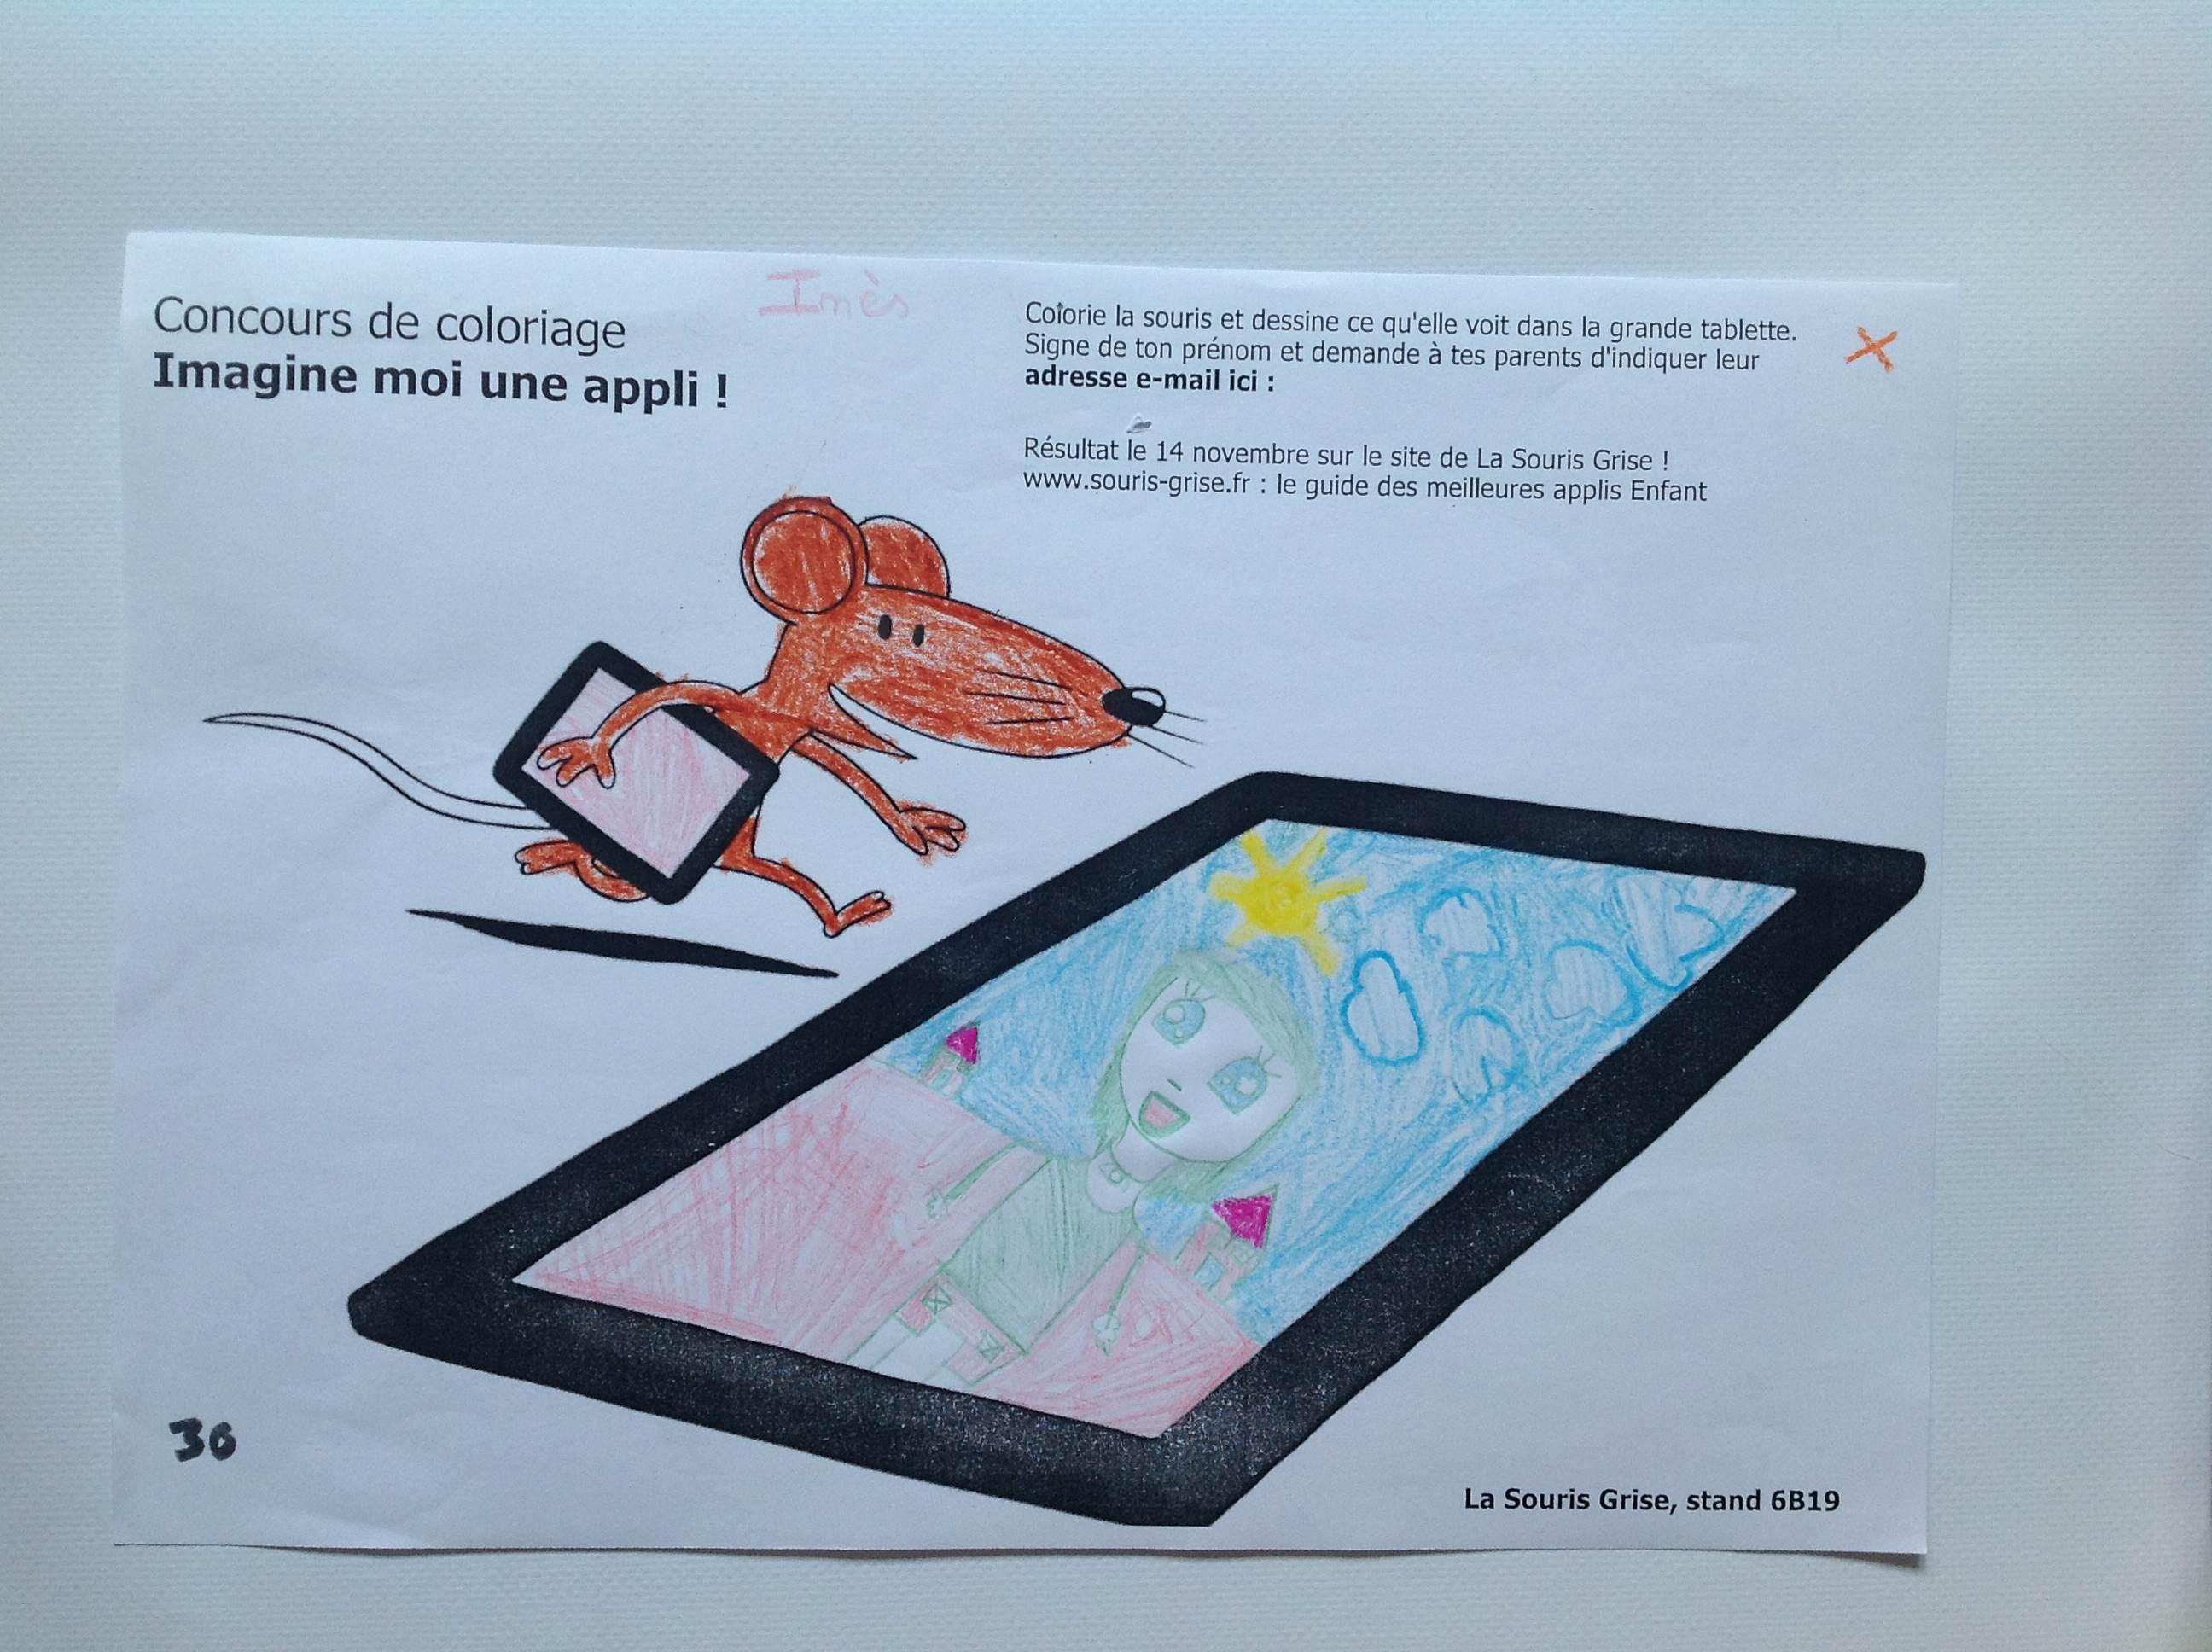 Concours De Coloriage Imagine Moi Une Appli Tous Les